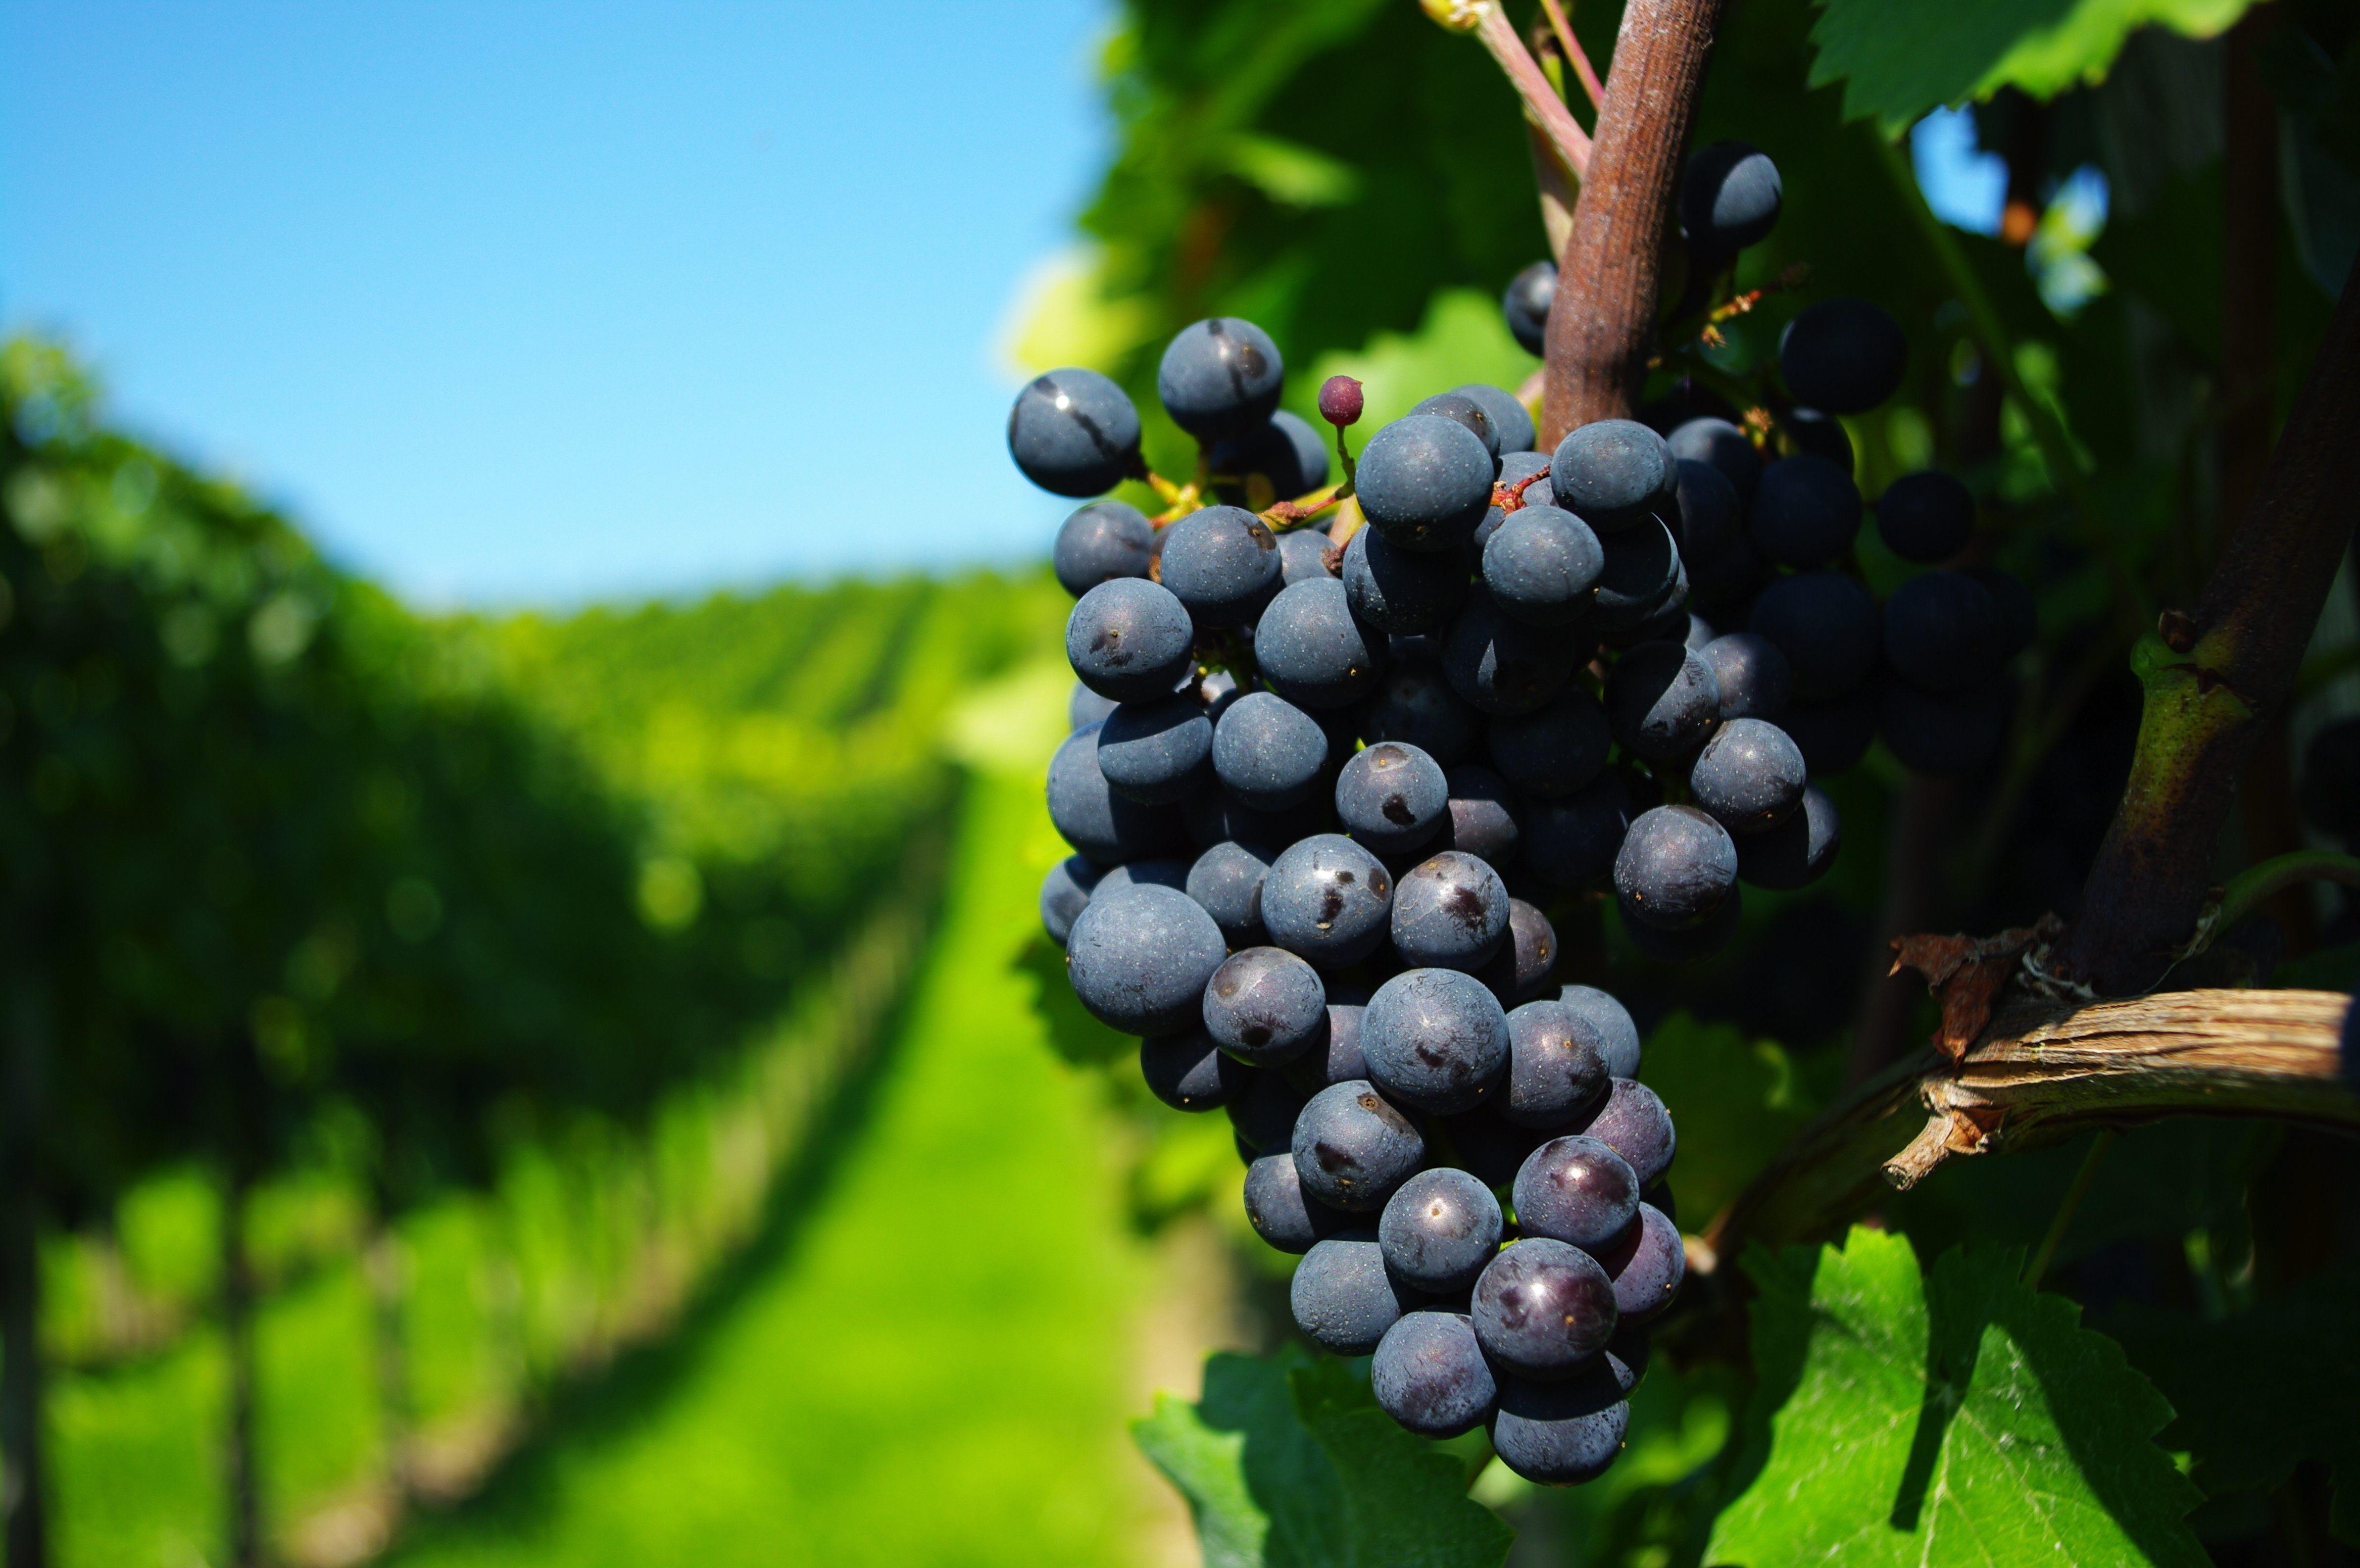 Правильно подкормленный виноград весной в состоянии сформировать гроздья с достаточно крупными ягодами